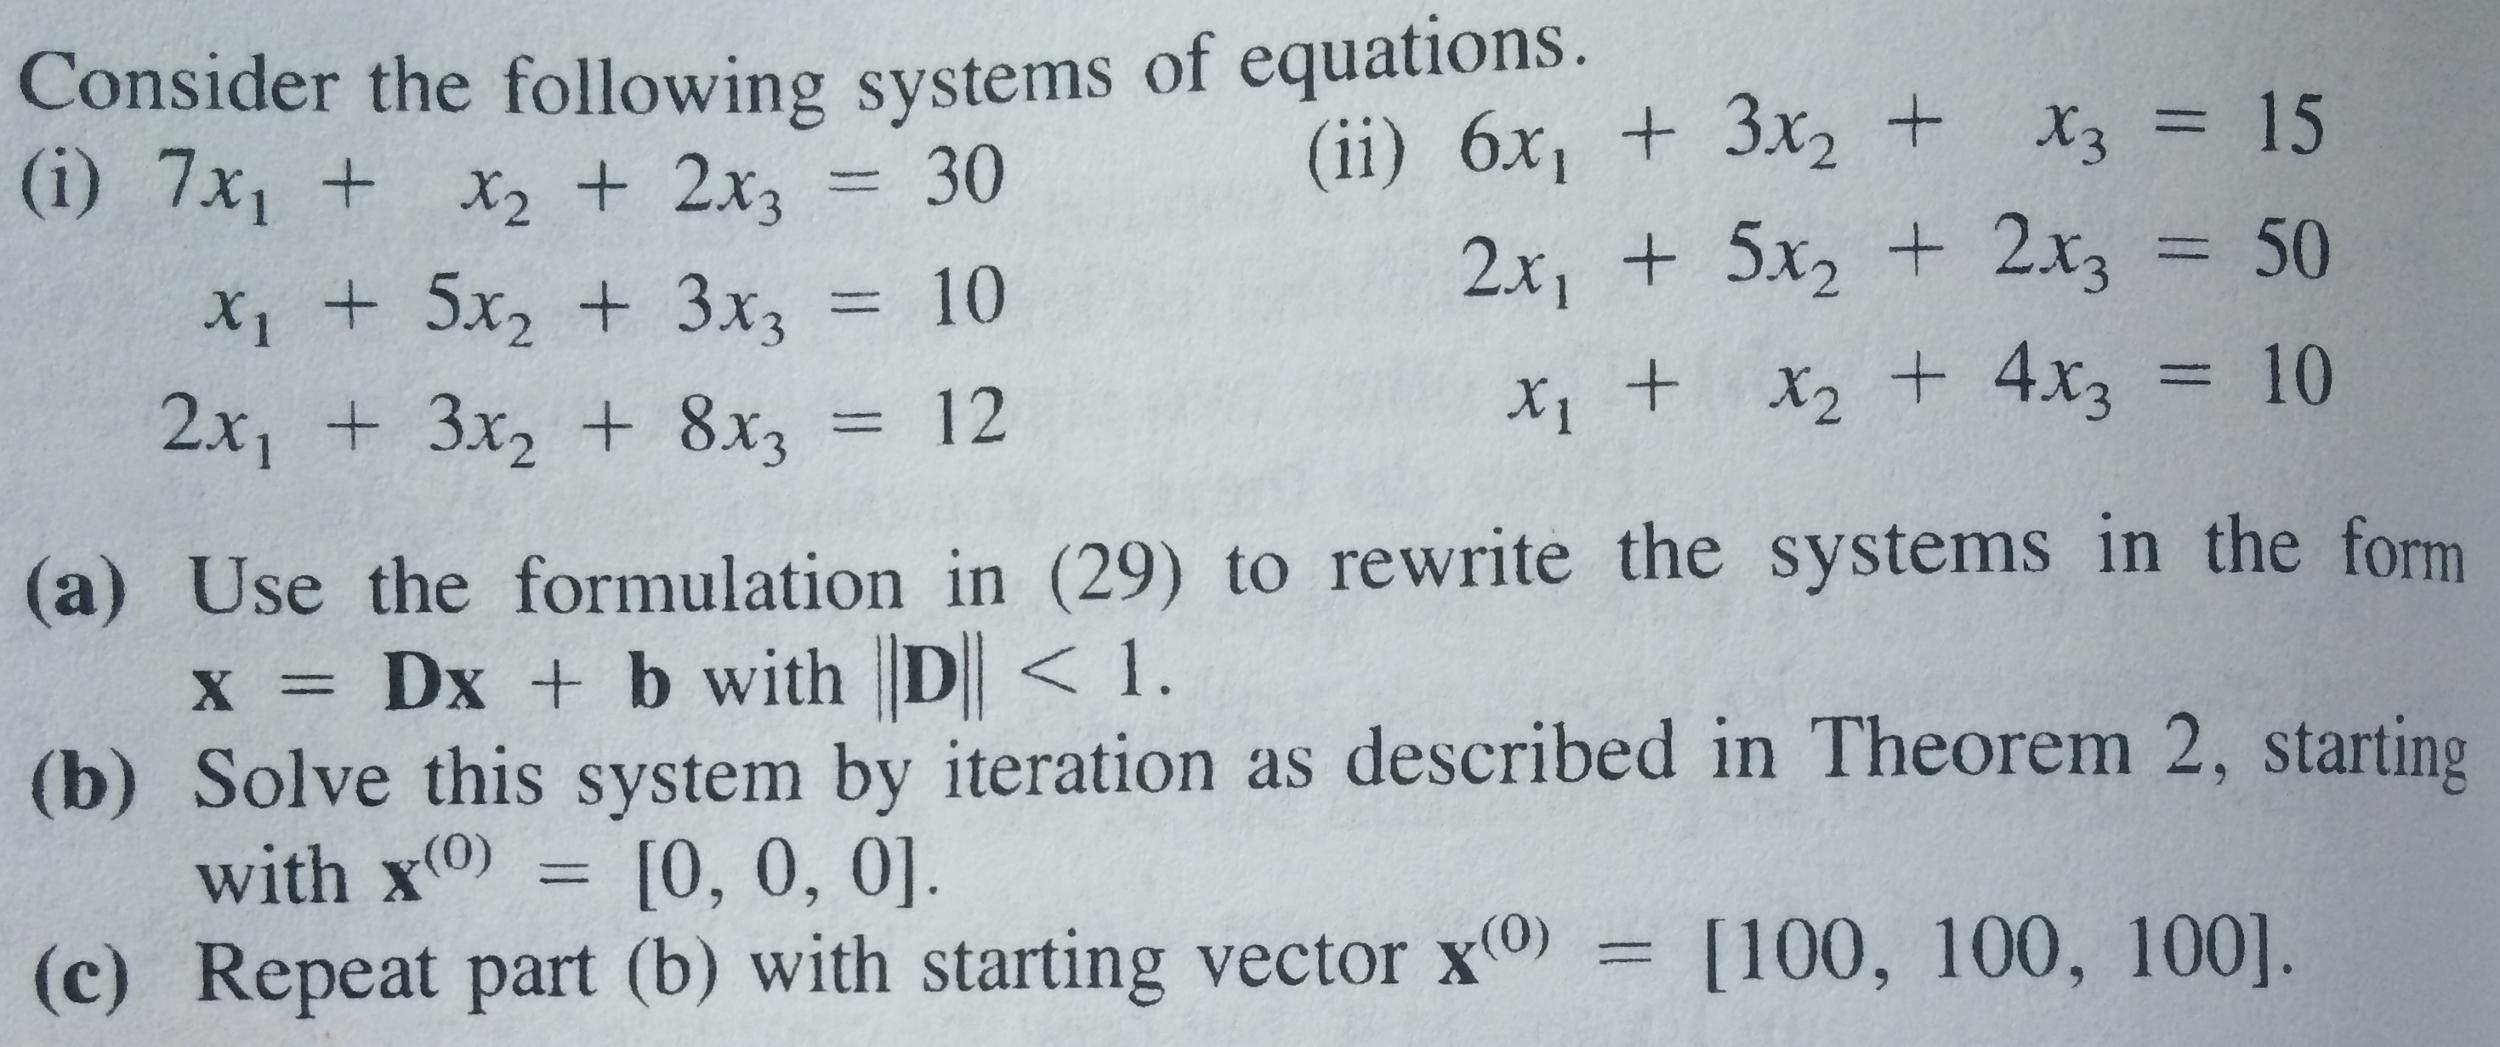 matrix 3x3 by 2x3 homework help